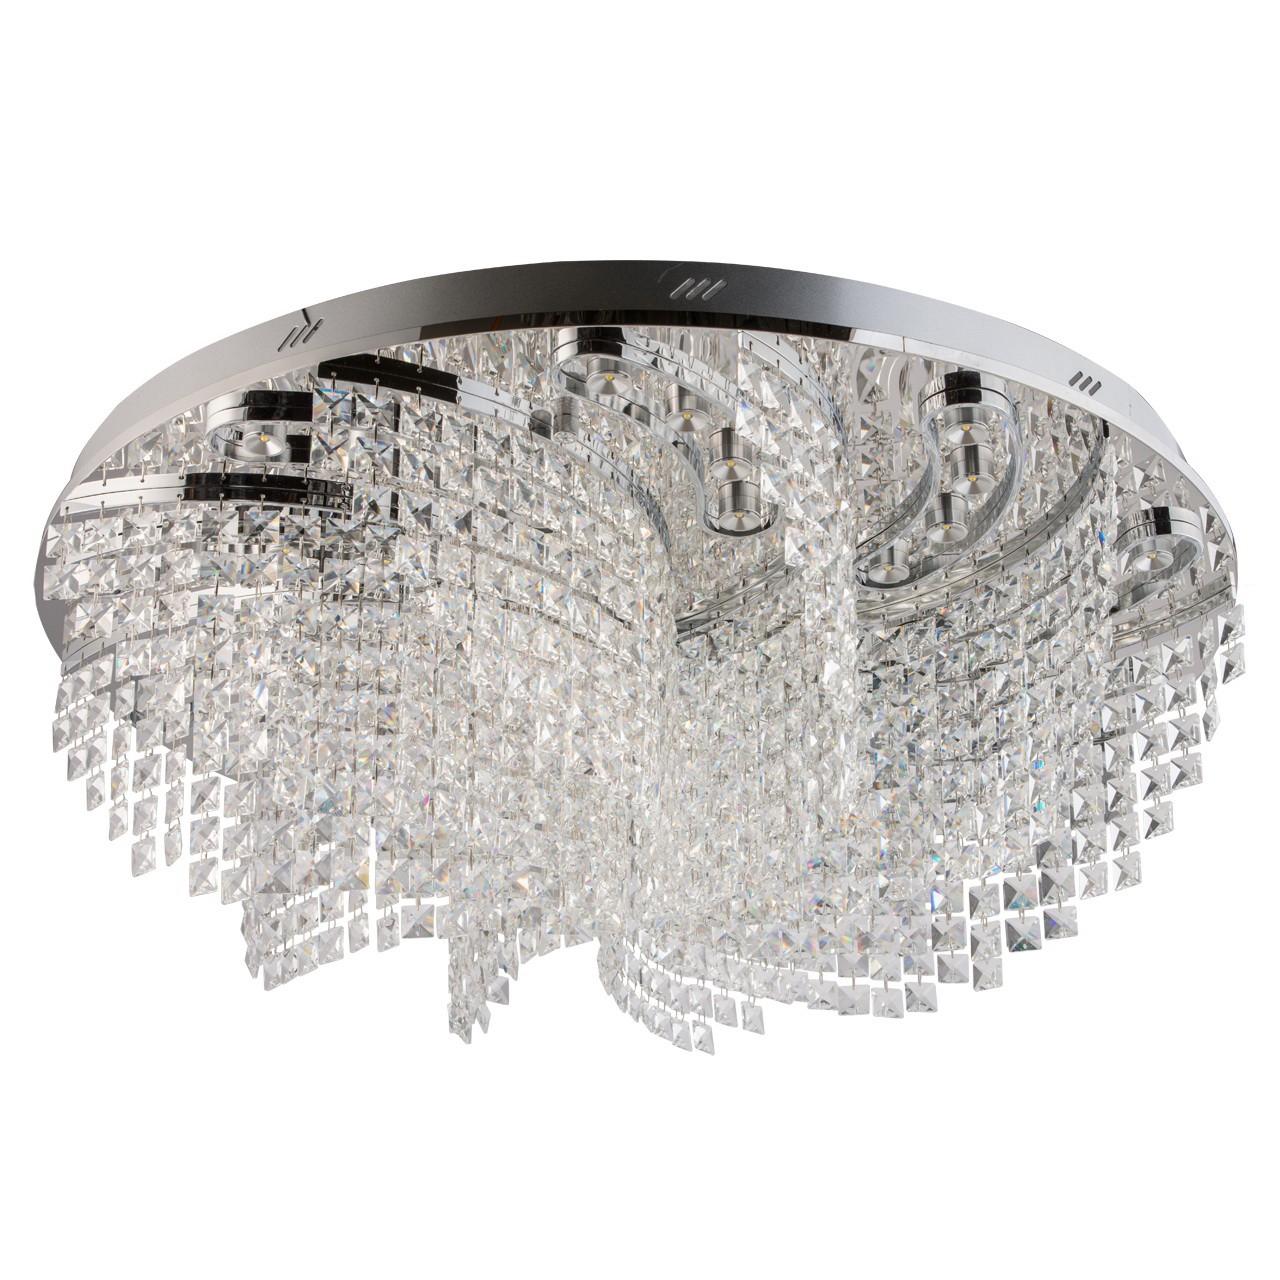 Люстра ChiaroЛюстры<br>Назначение светильника: для гостиной, Стиль светильника: хай-тек, Тип: потолочная, Материал плафона: стекло, Материал арматуры: металл, Длина (мм): 1100, Ширина: 1100, Высота: 250, Количество ламп: 72, Тип лампы: светодиодная, Мощность: 1, Патрон: LED, Цвет арматуры: хром, Родина бренда: Германия, Коллекция: Аделард<br>